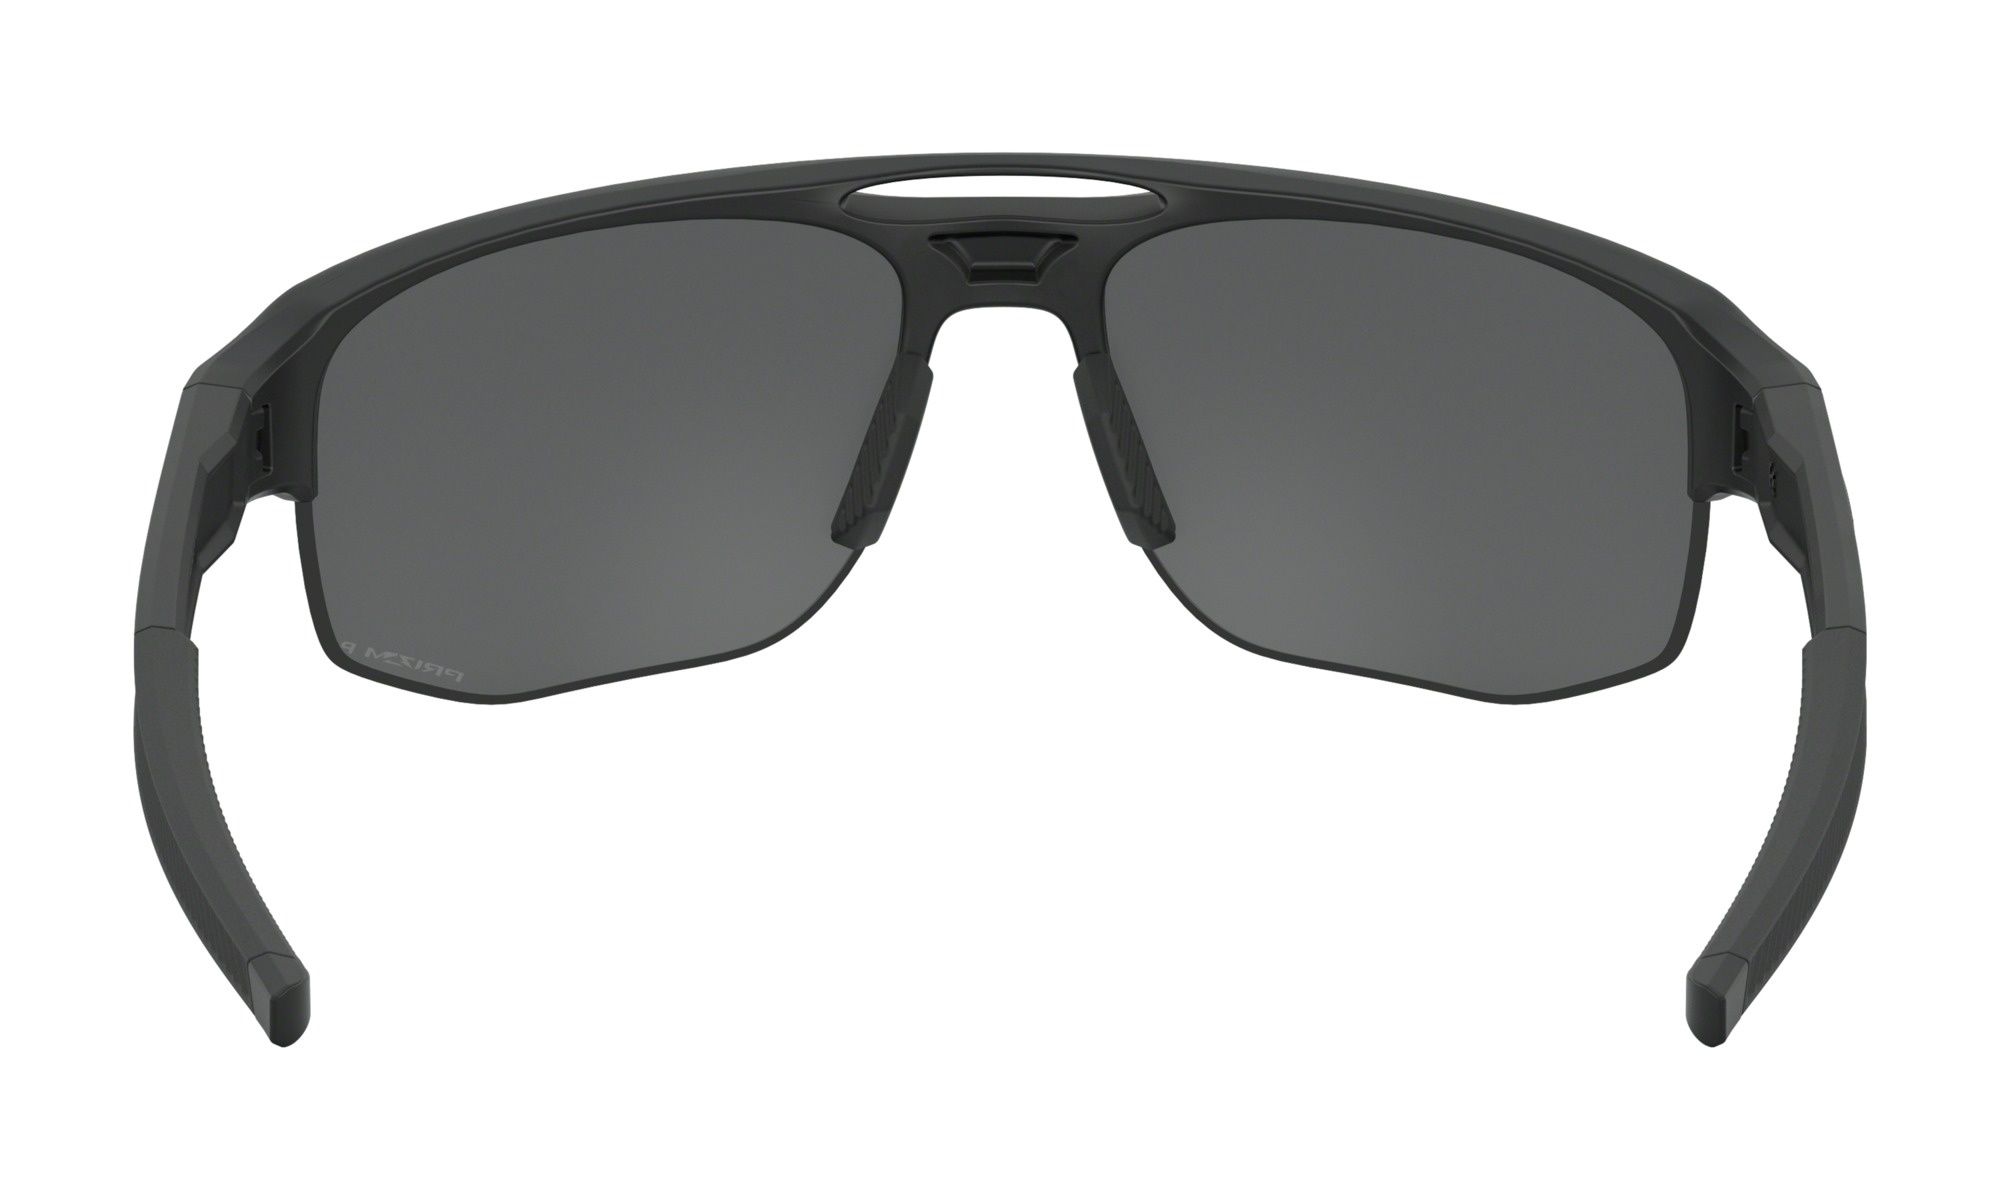 Oakley Oakley MERCENARY MATTE BLACK W/ PRIZM BLACK POLARIZED